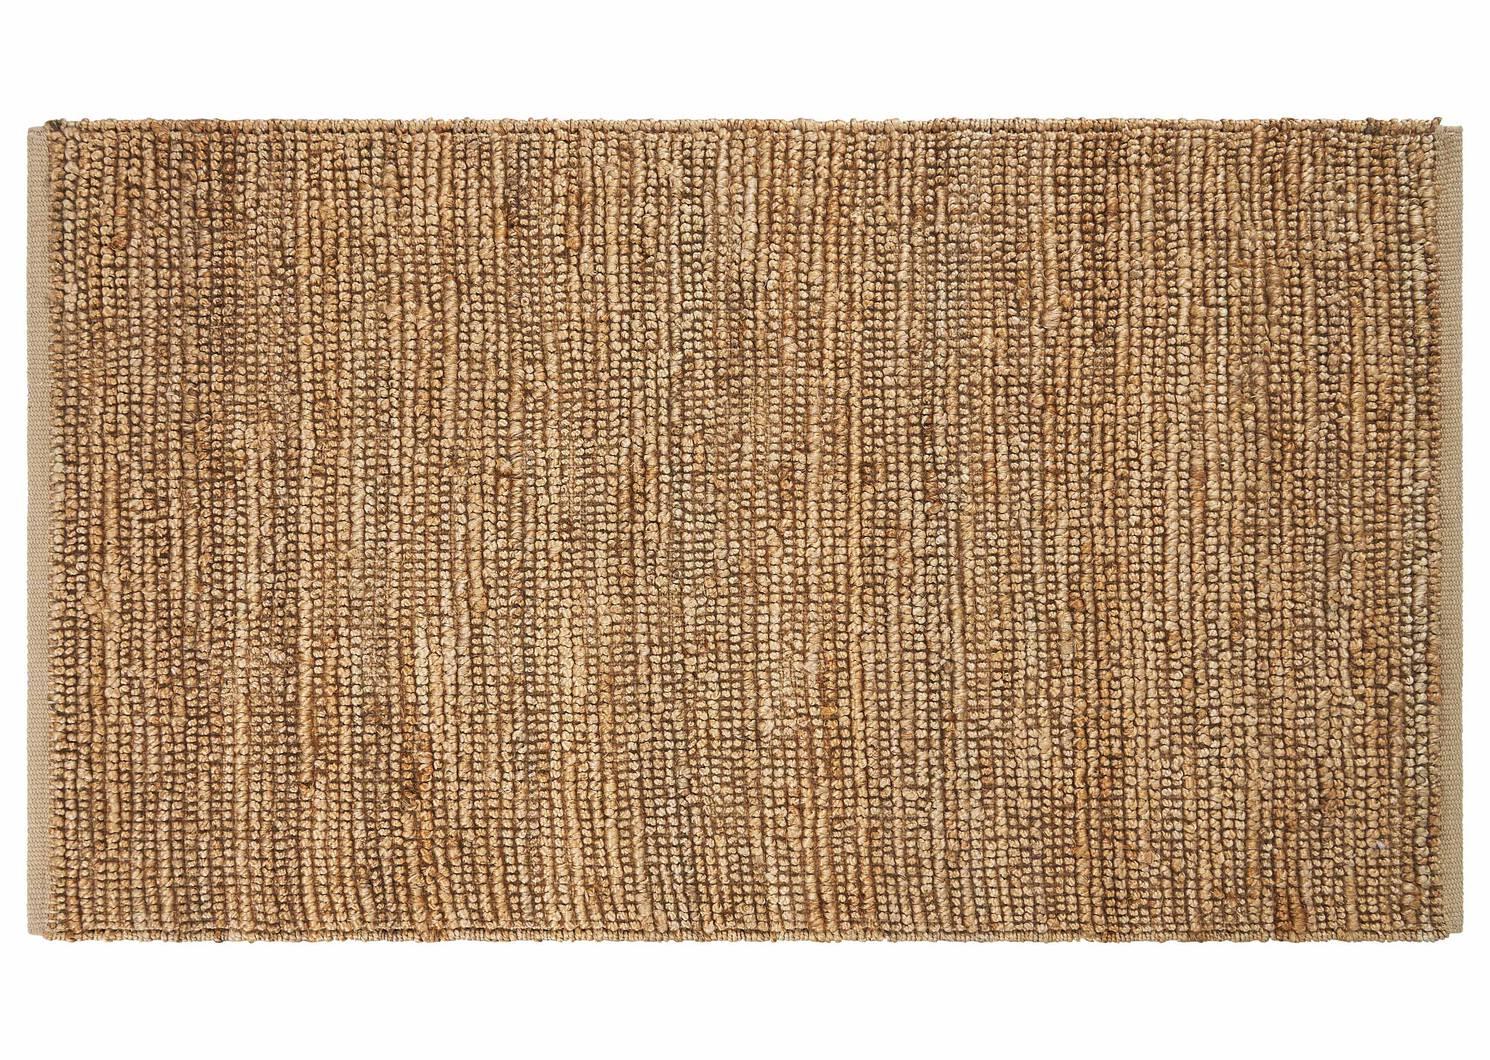 Tapis décoratif Doherty 36x60 naturel